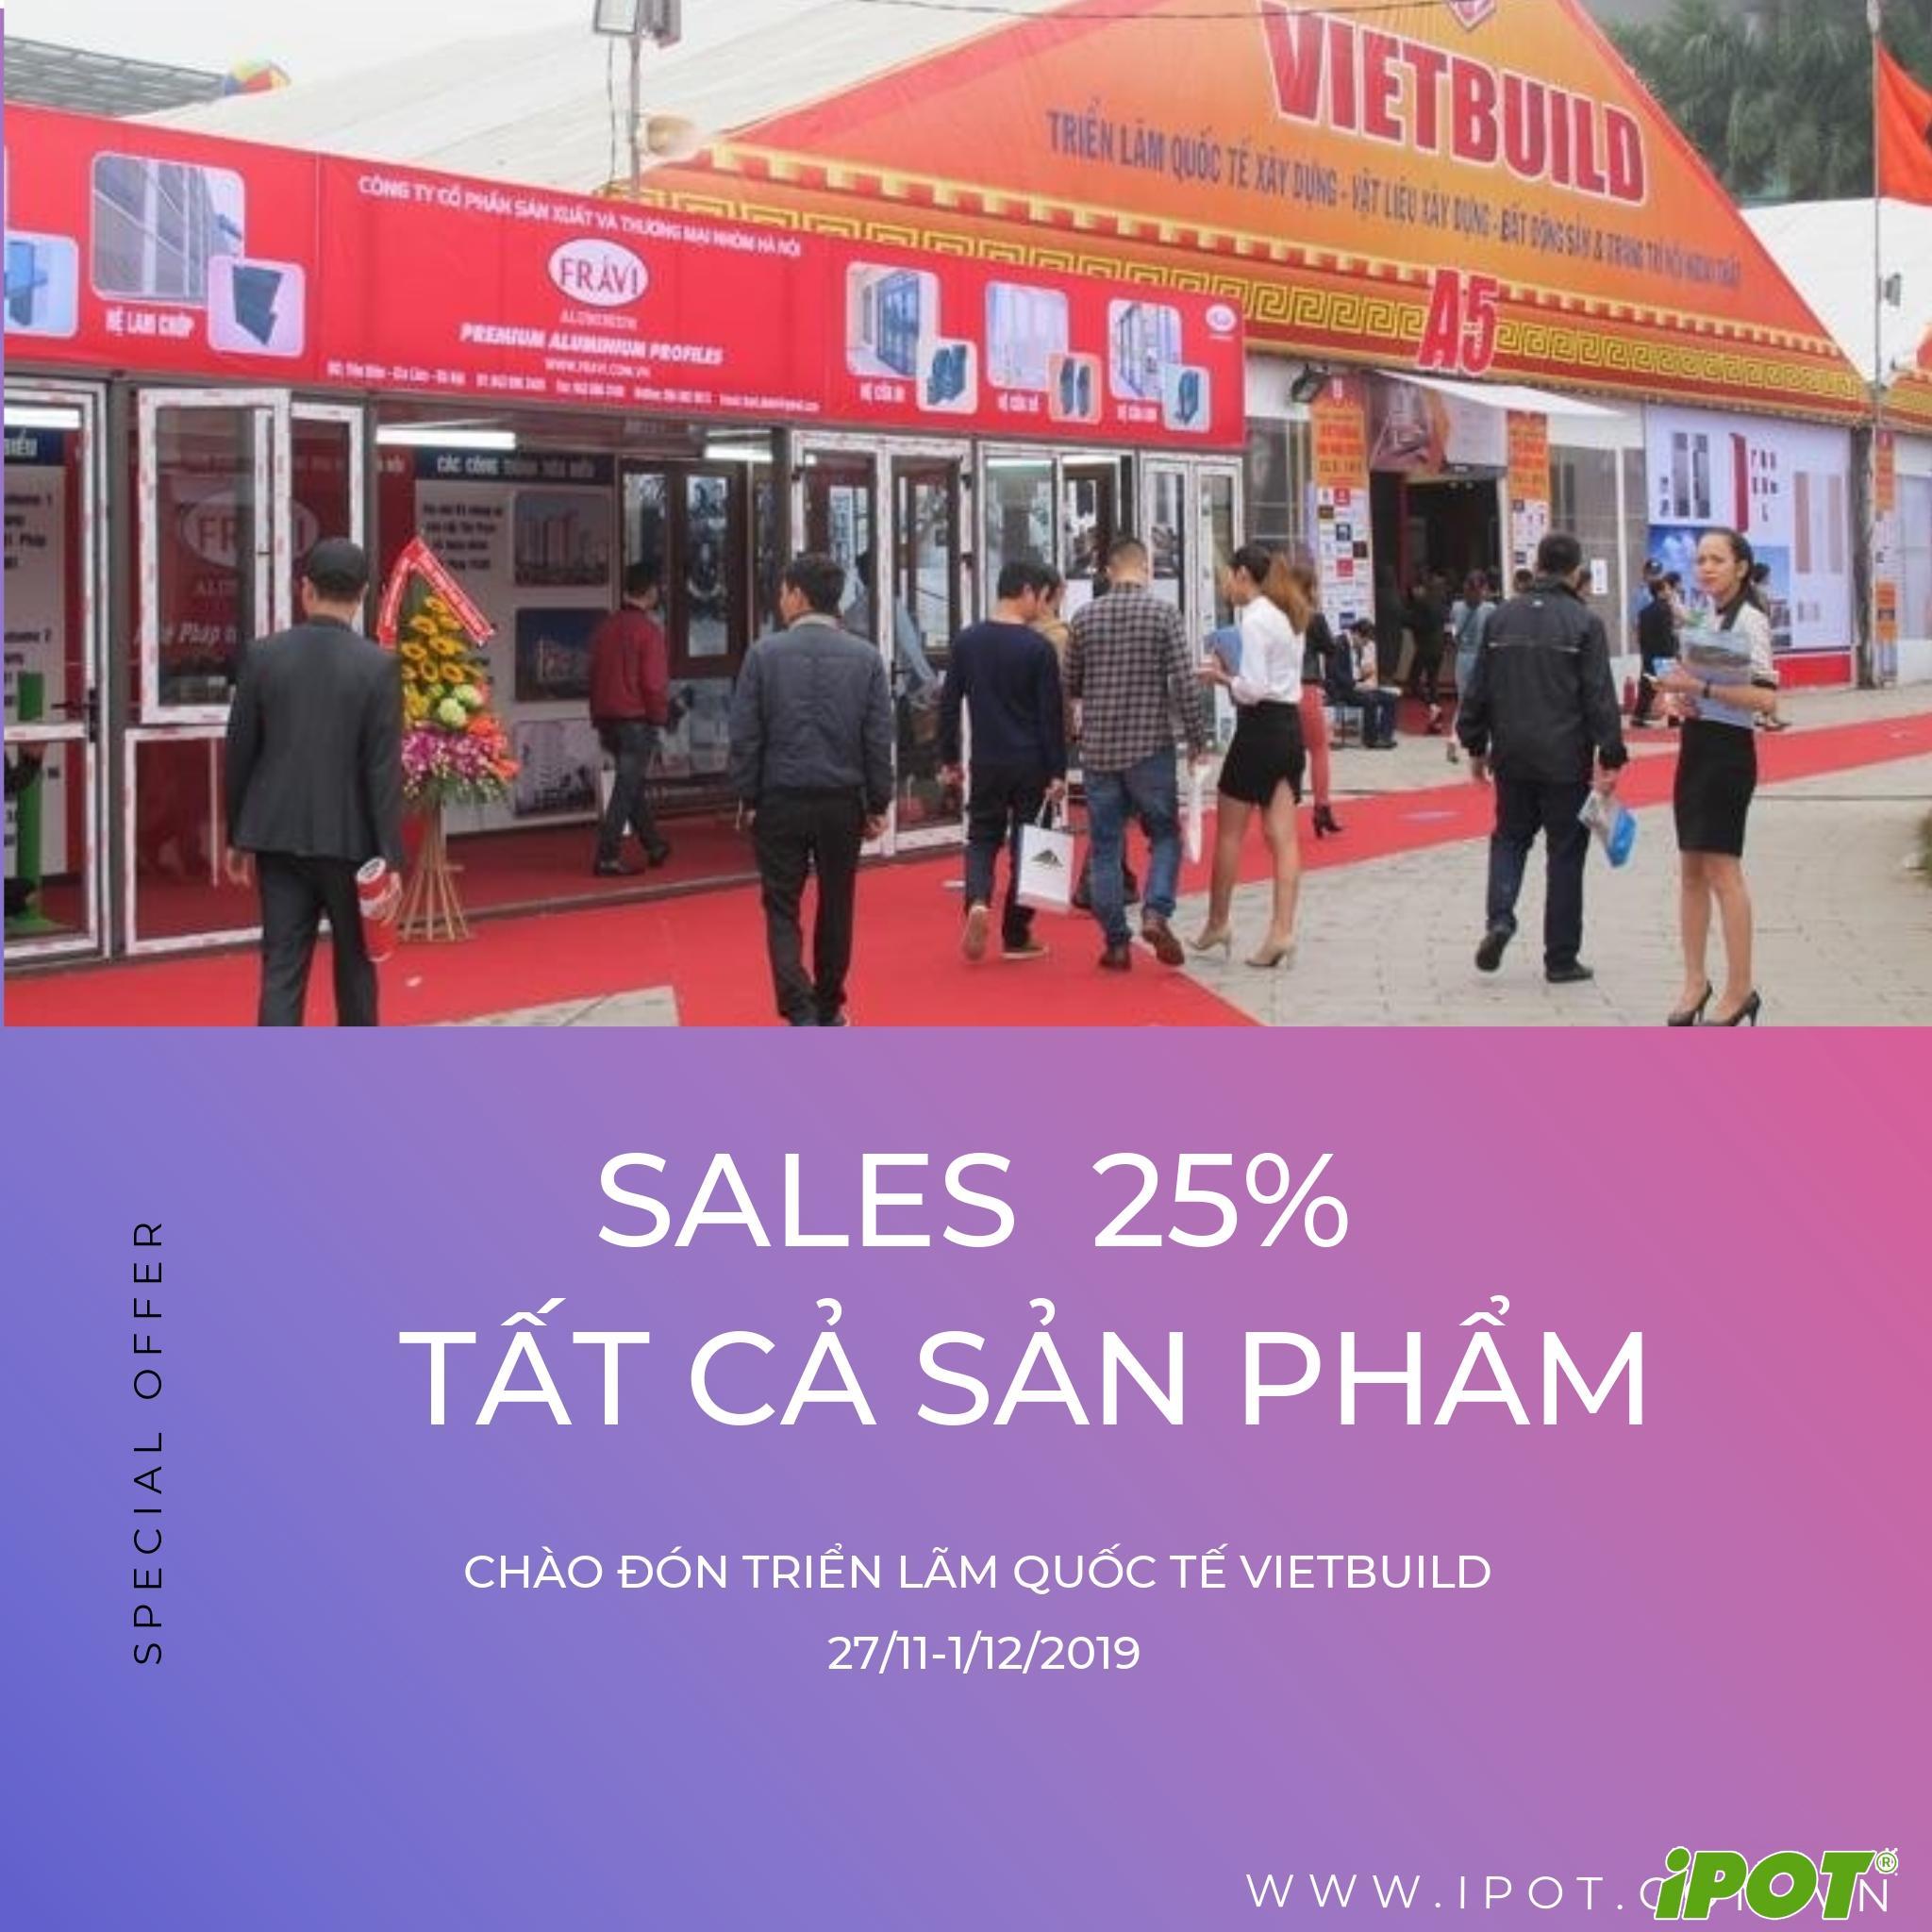 Giảm giá 25% tất cả sản phẩm nhân dịp IPOT tham gia triển lãm quốc tế Vietbuild